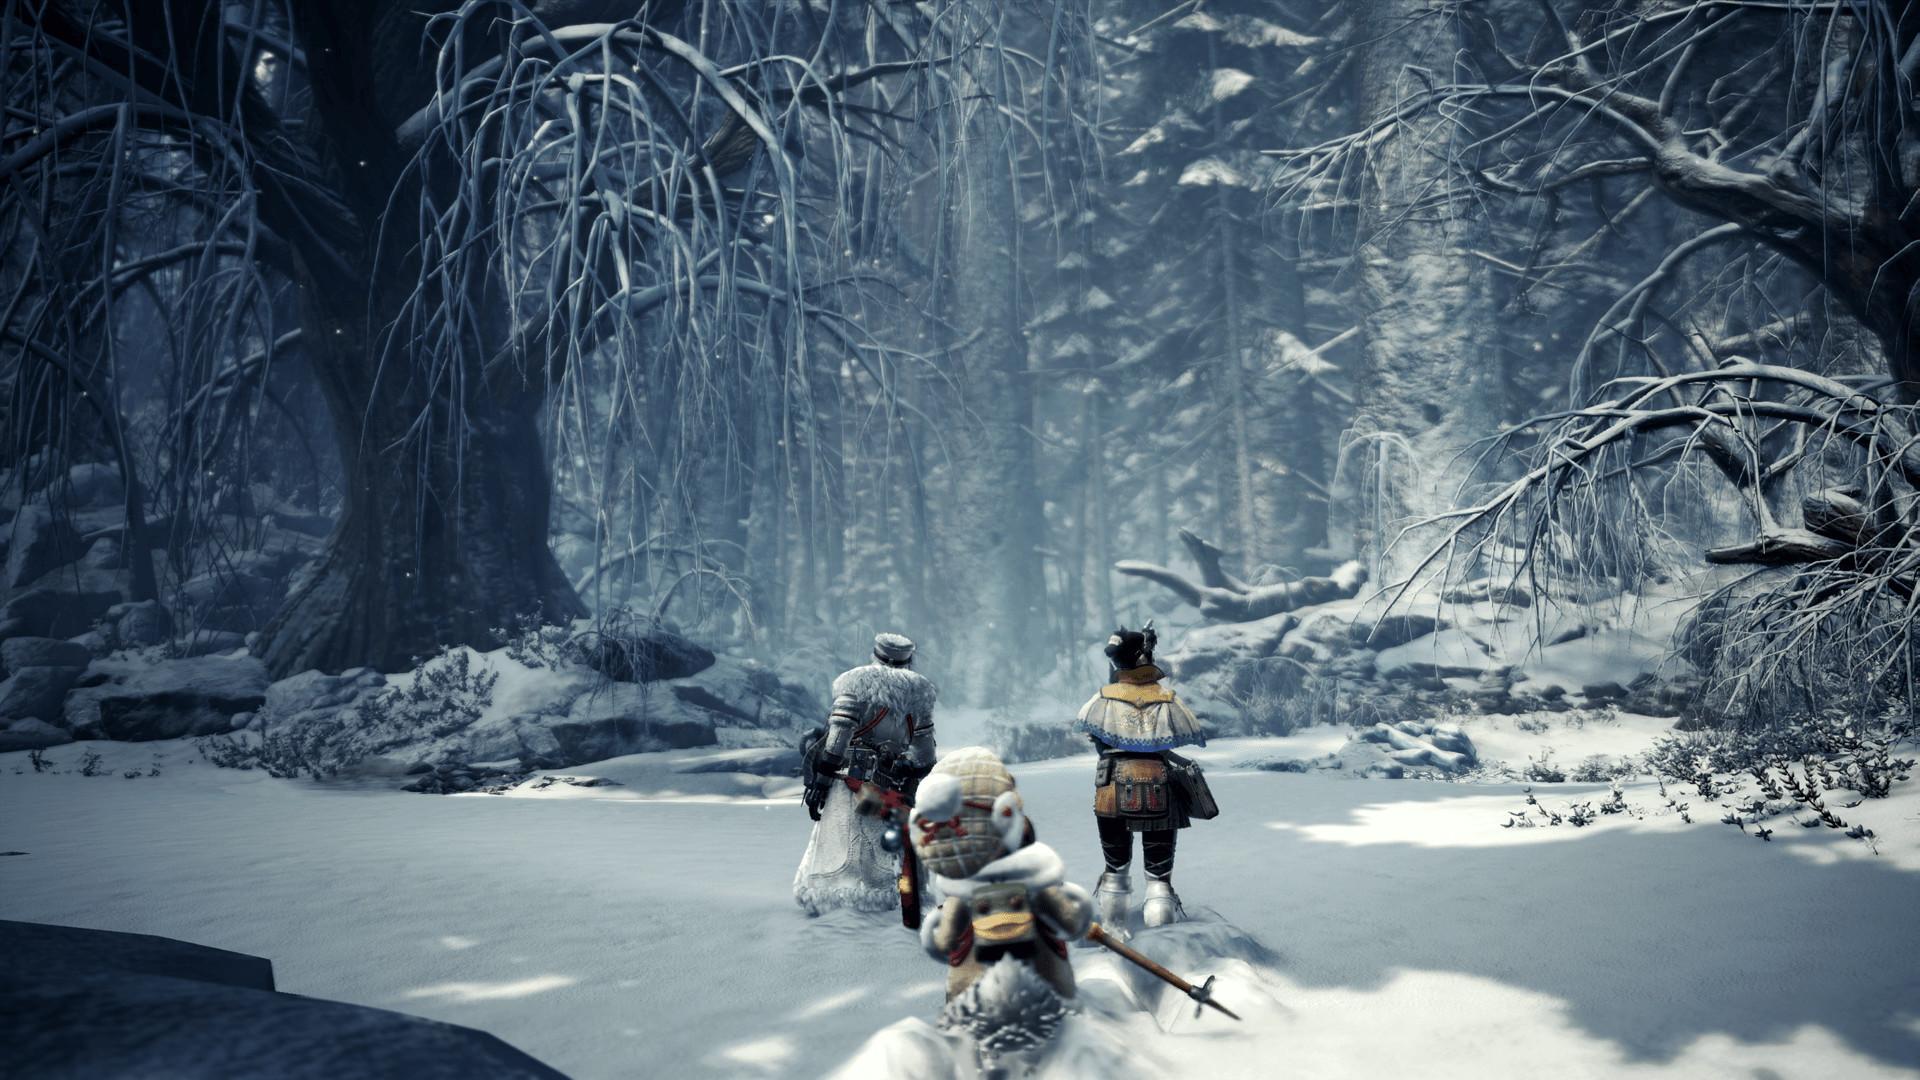 Скриншот 0 - Monster Hunter World: Iceborne [Автоактивация]🔴+PLANET ZOO DELUXE+ARCTIC PACK